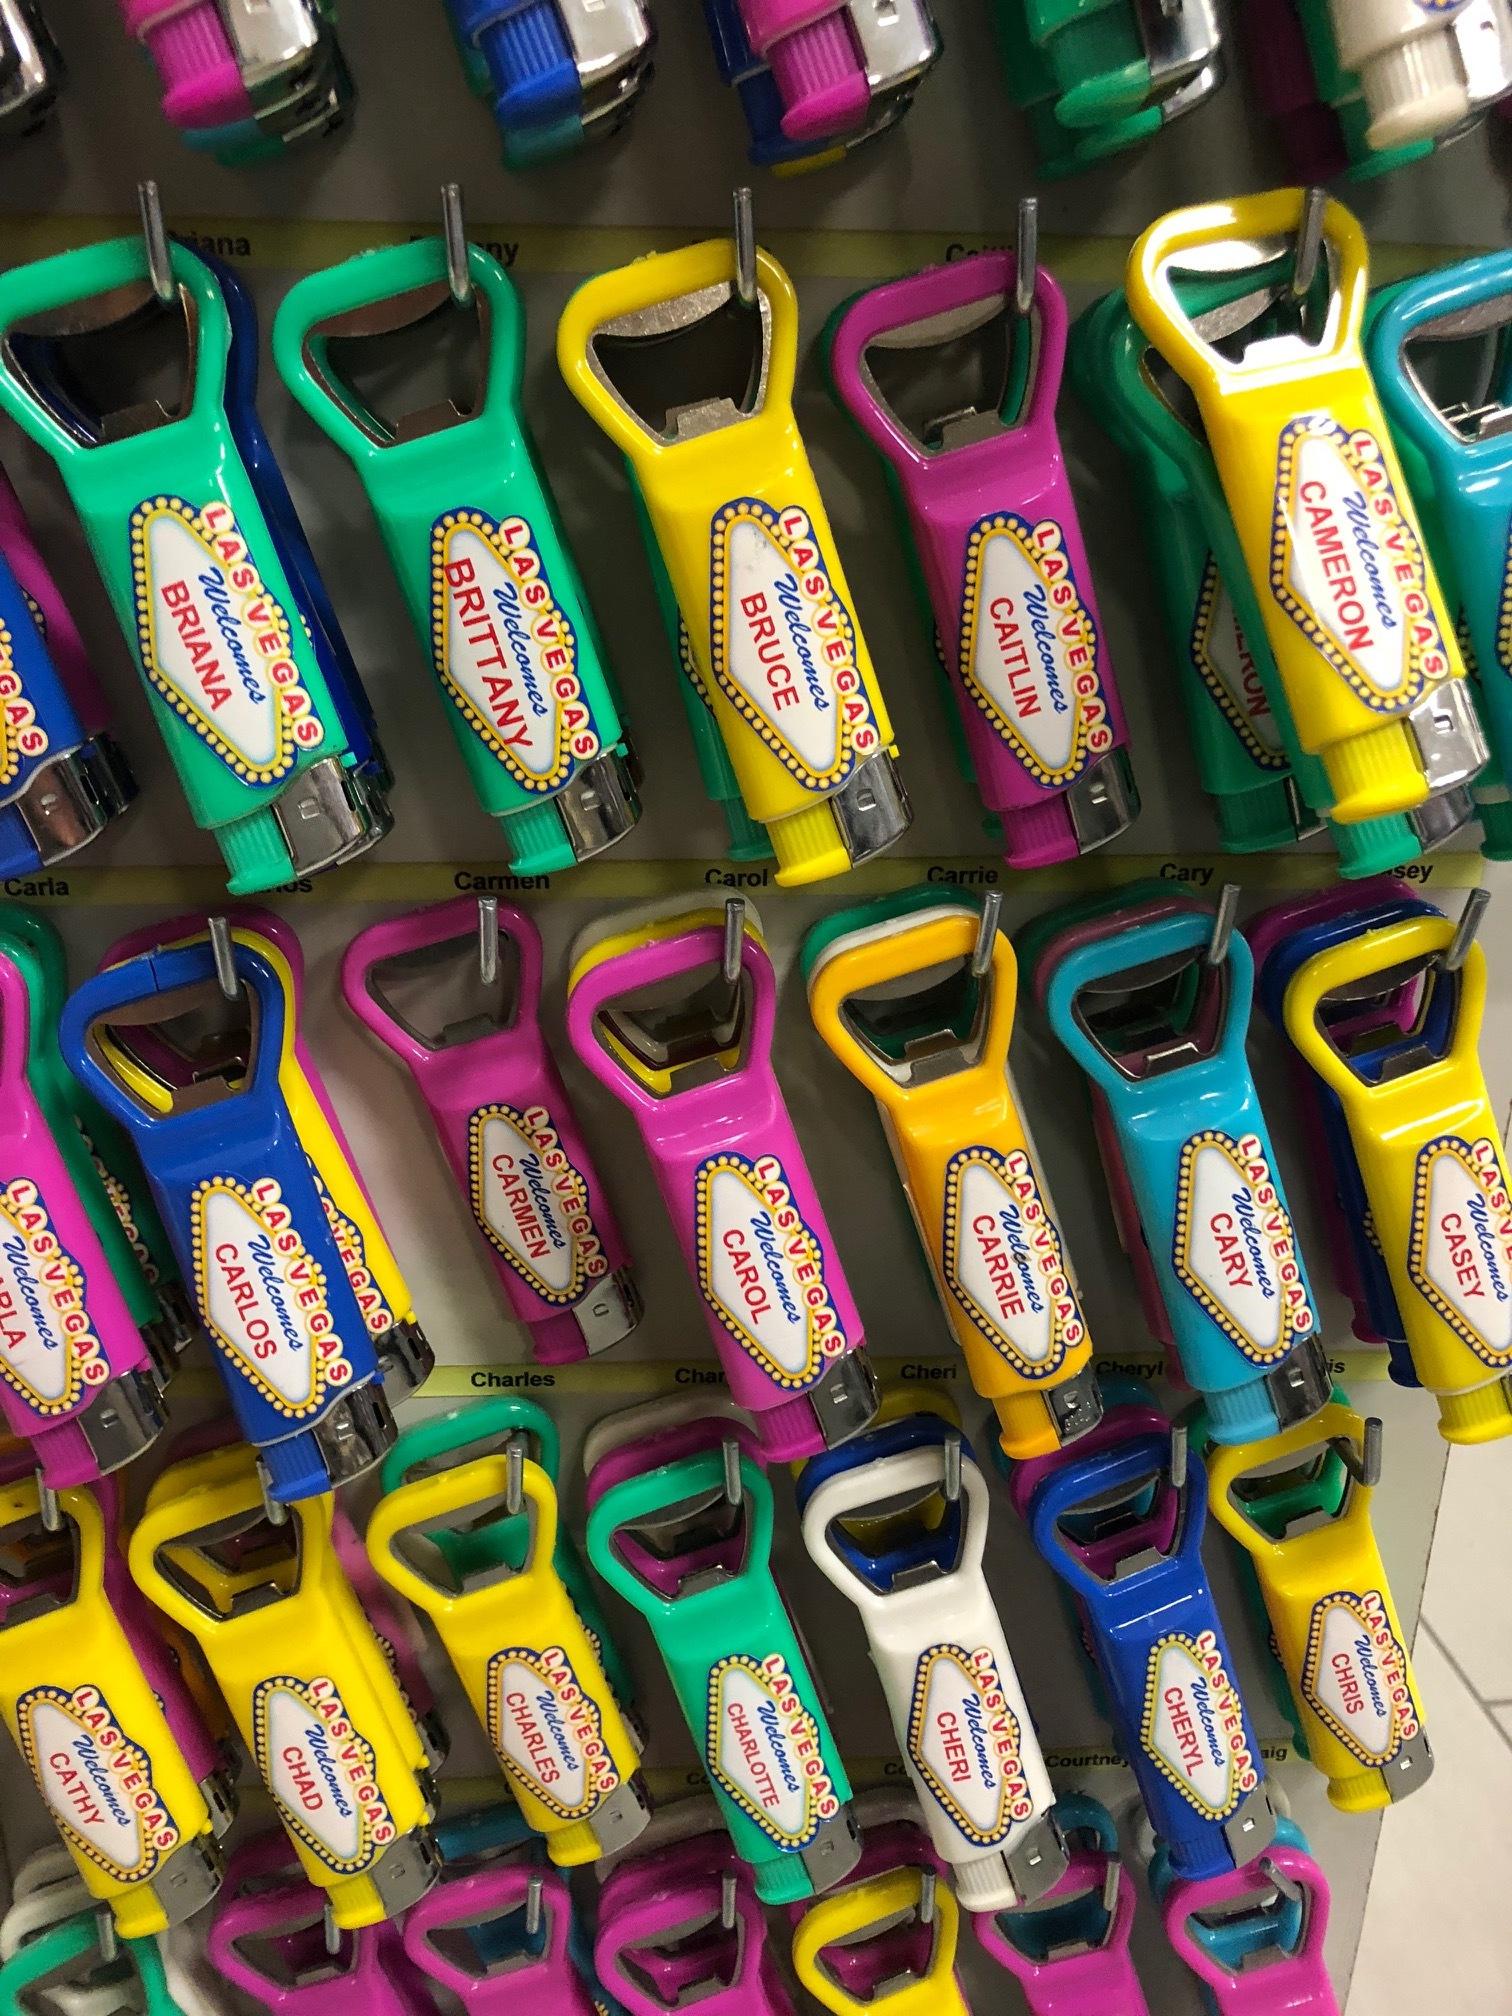 Only in Vegas: beer opener lighters!